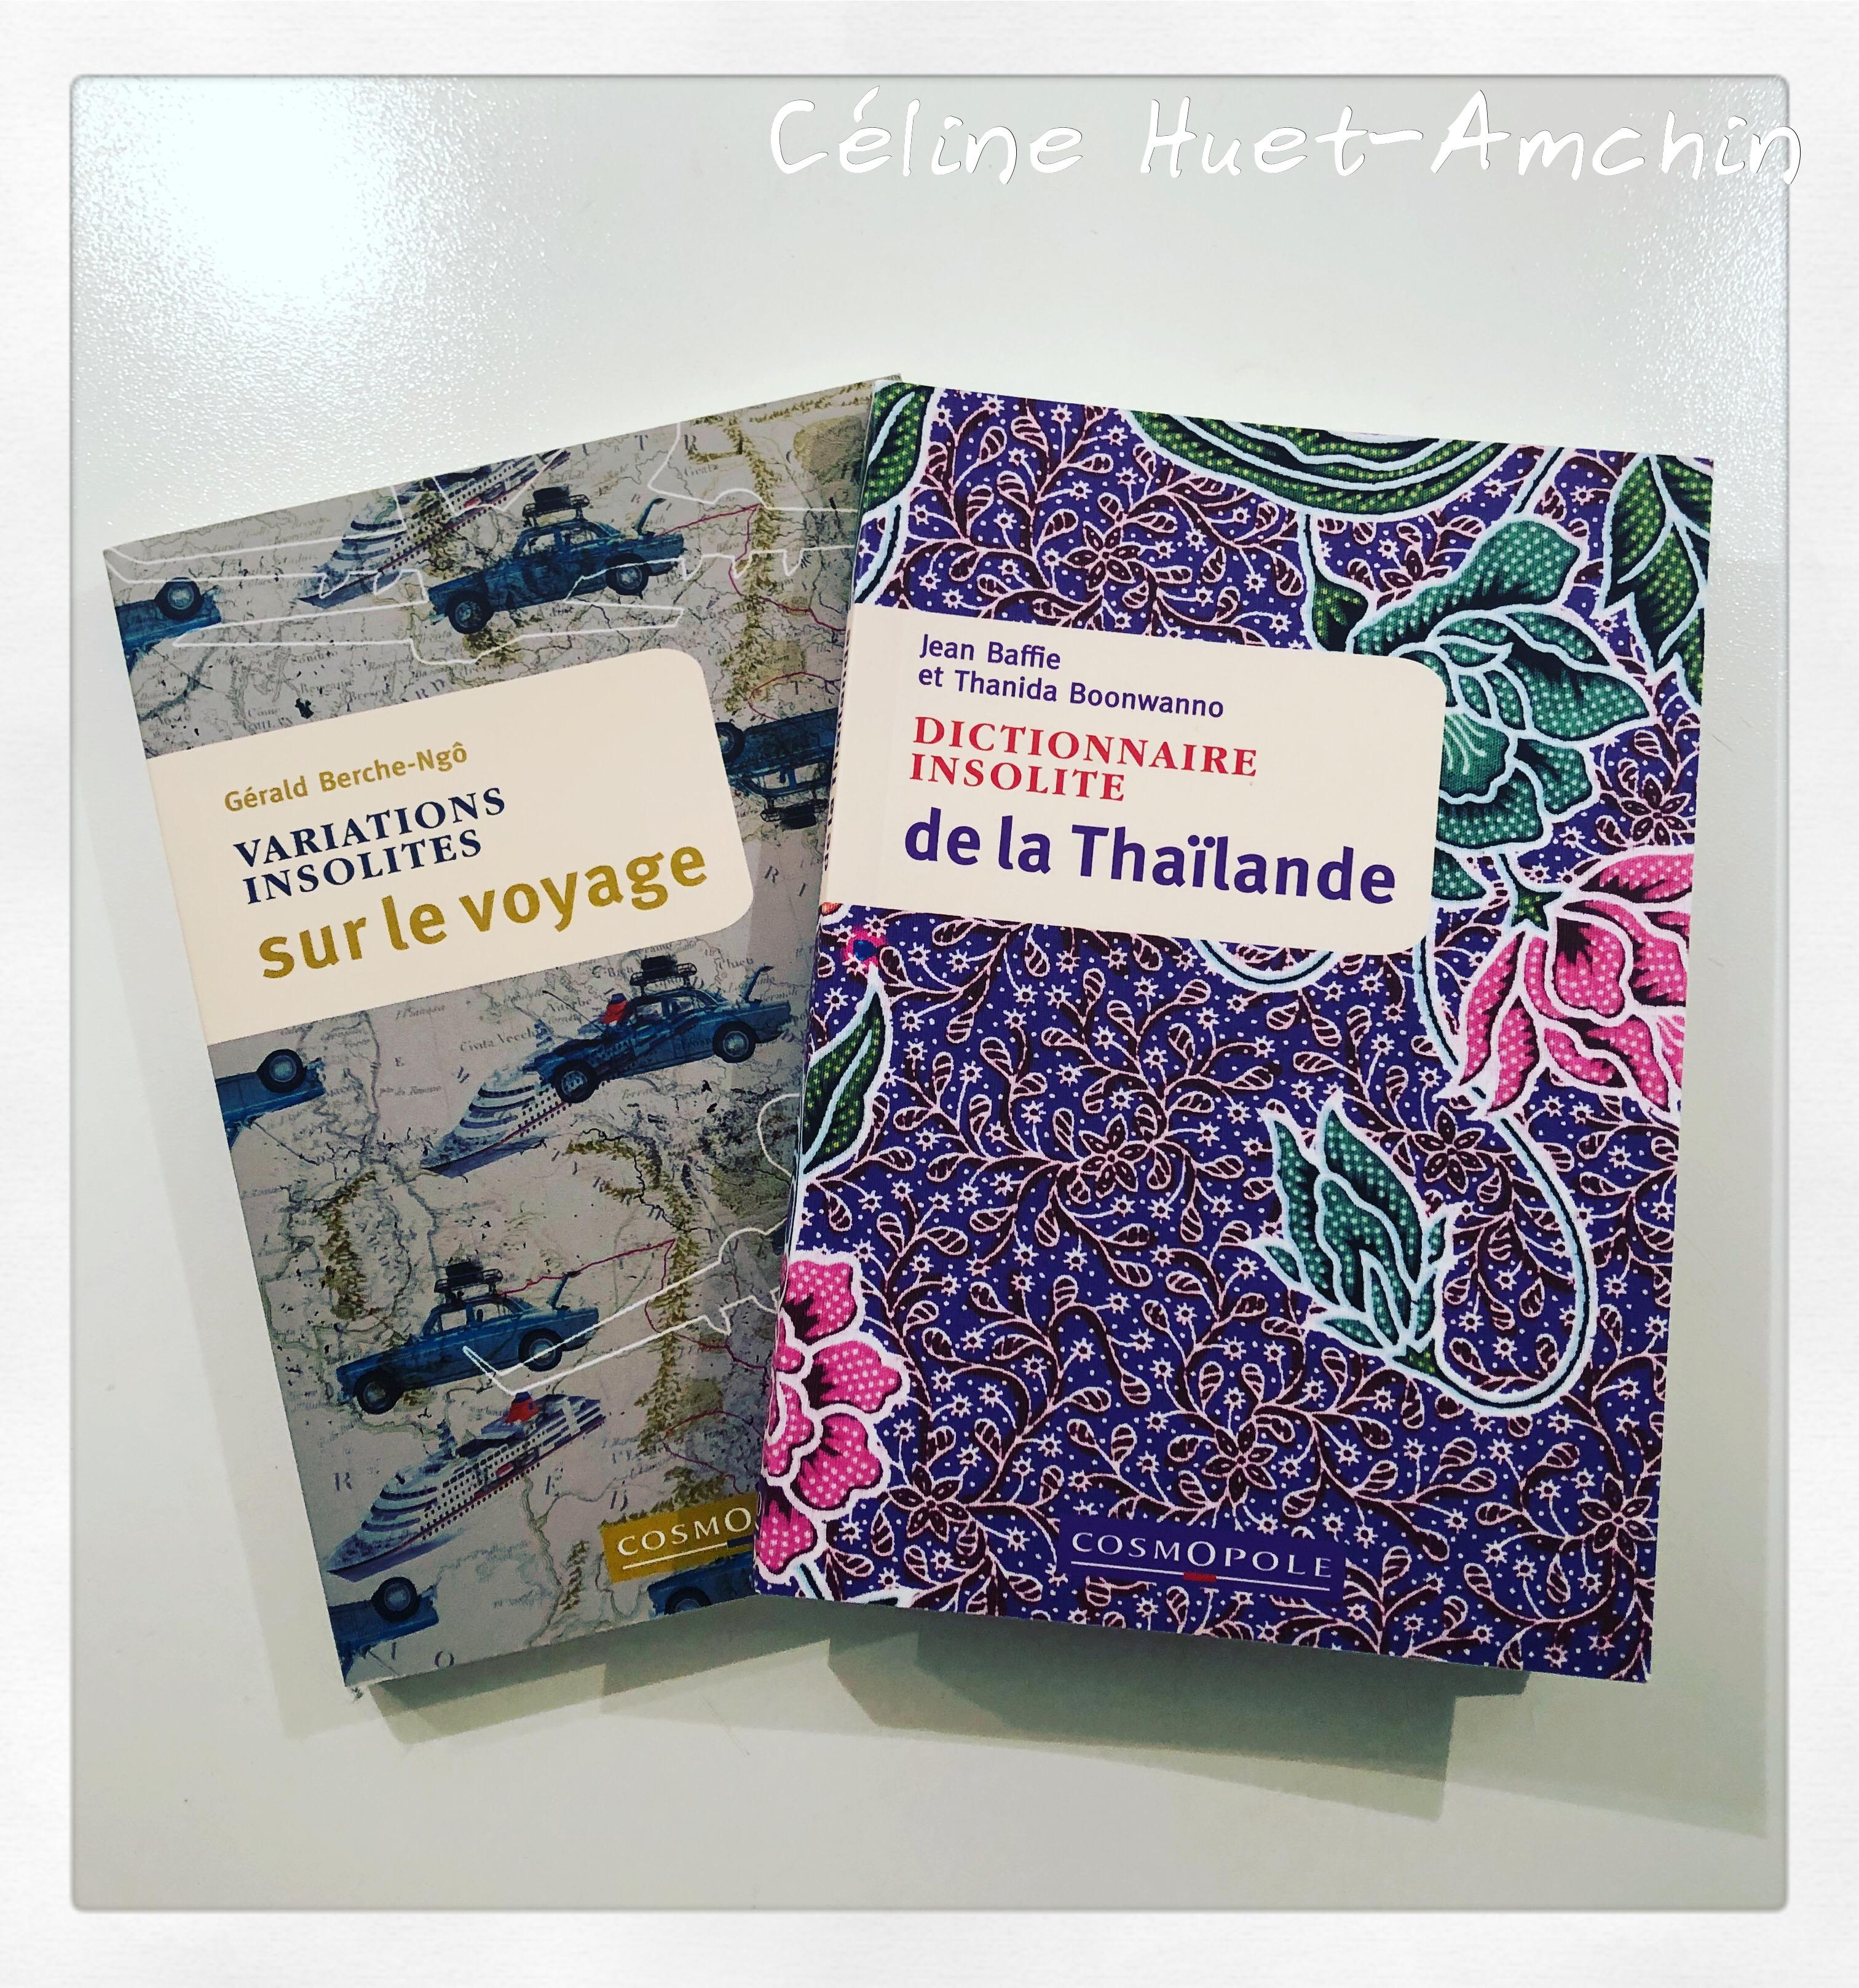 Variations insolites sur le voyage Gérald Berche-Ngo Dictionnnaire insolite de la Thaïlande Editions Cosmopole